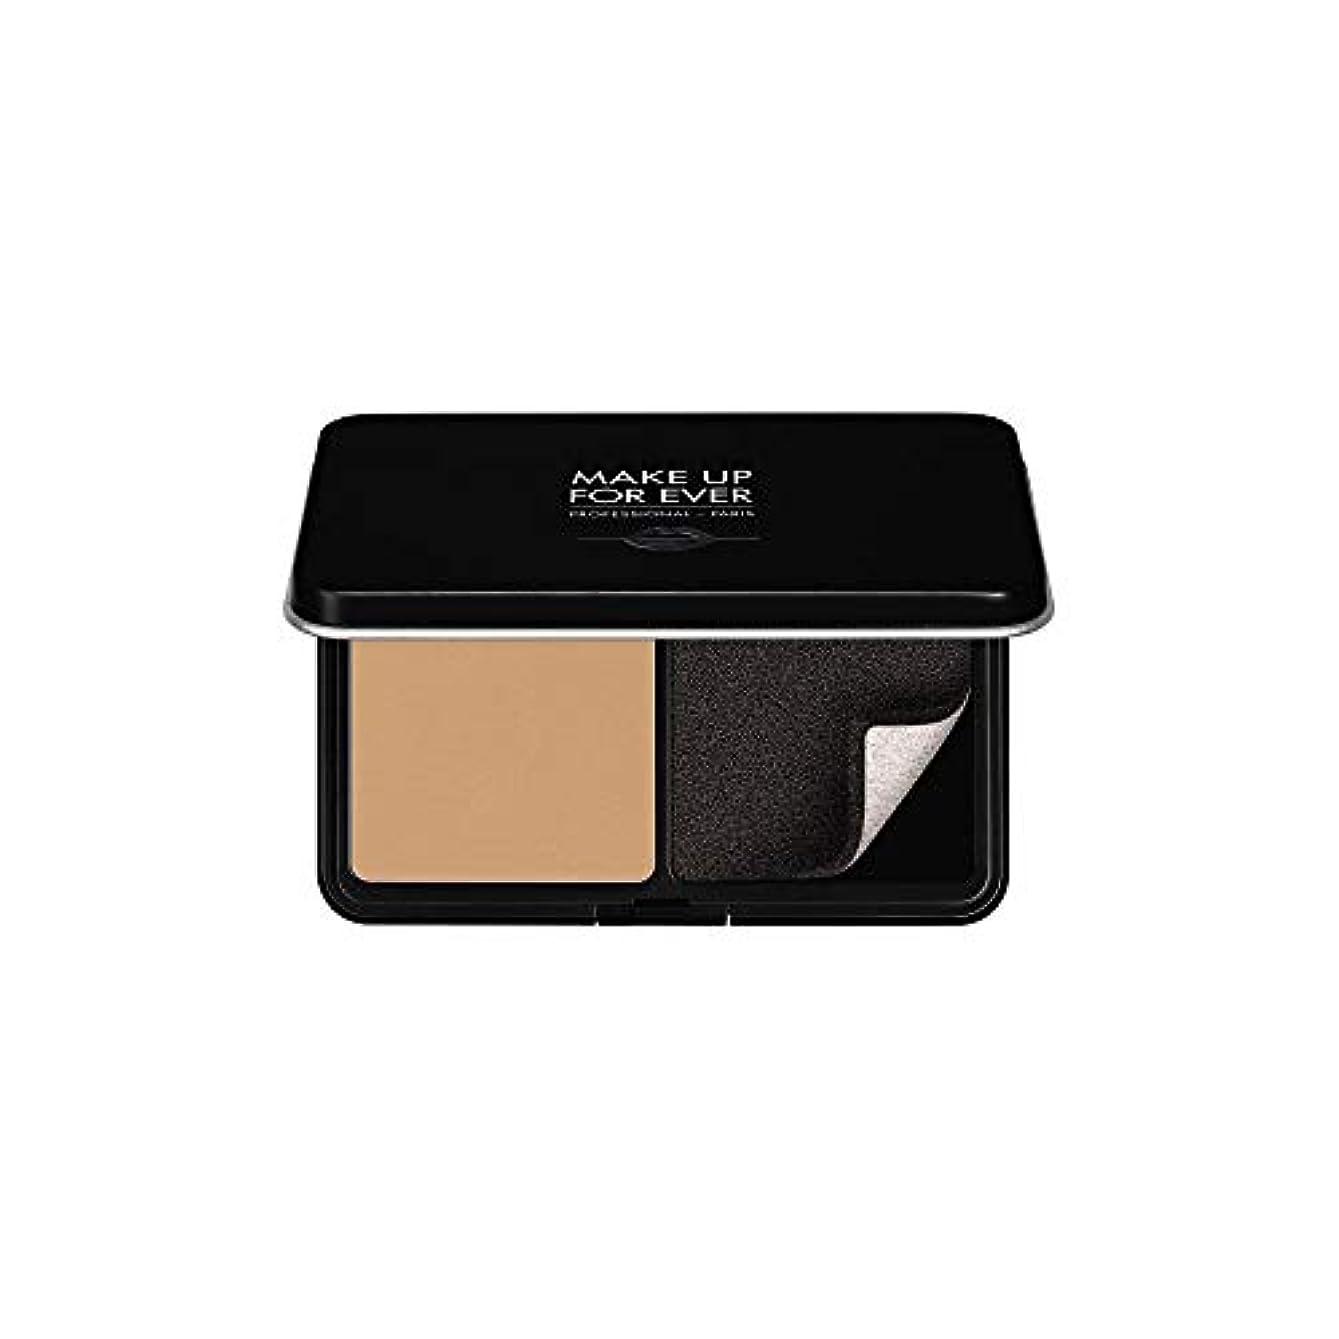 辞書男らしさホバーメイクアップフォーエバー Matte Velvet Skin Blurring Powder Foundation - # Y315 (Sand) 11g/0.38oz並行輸入品